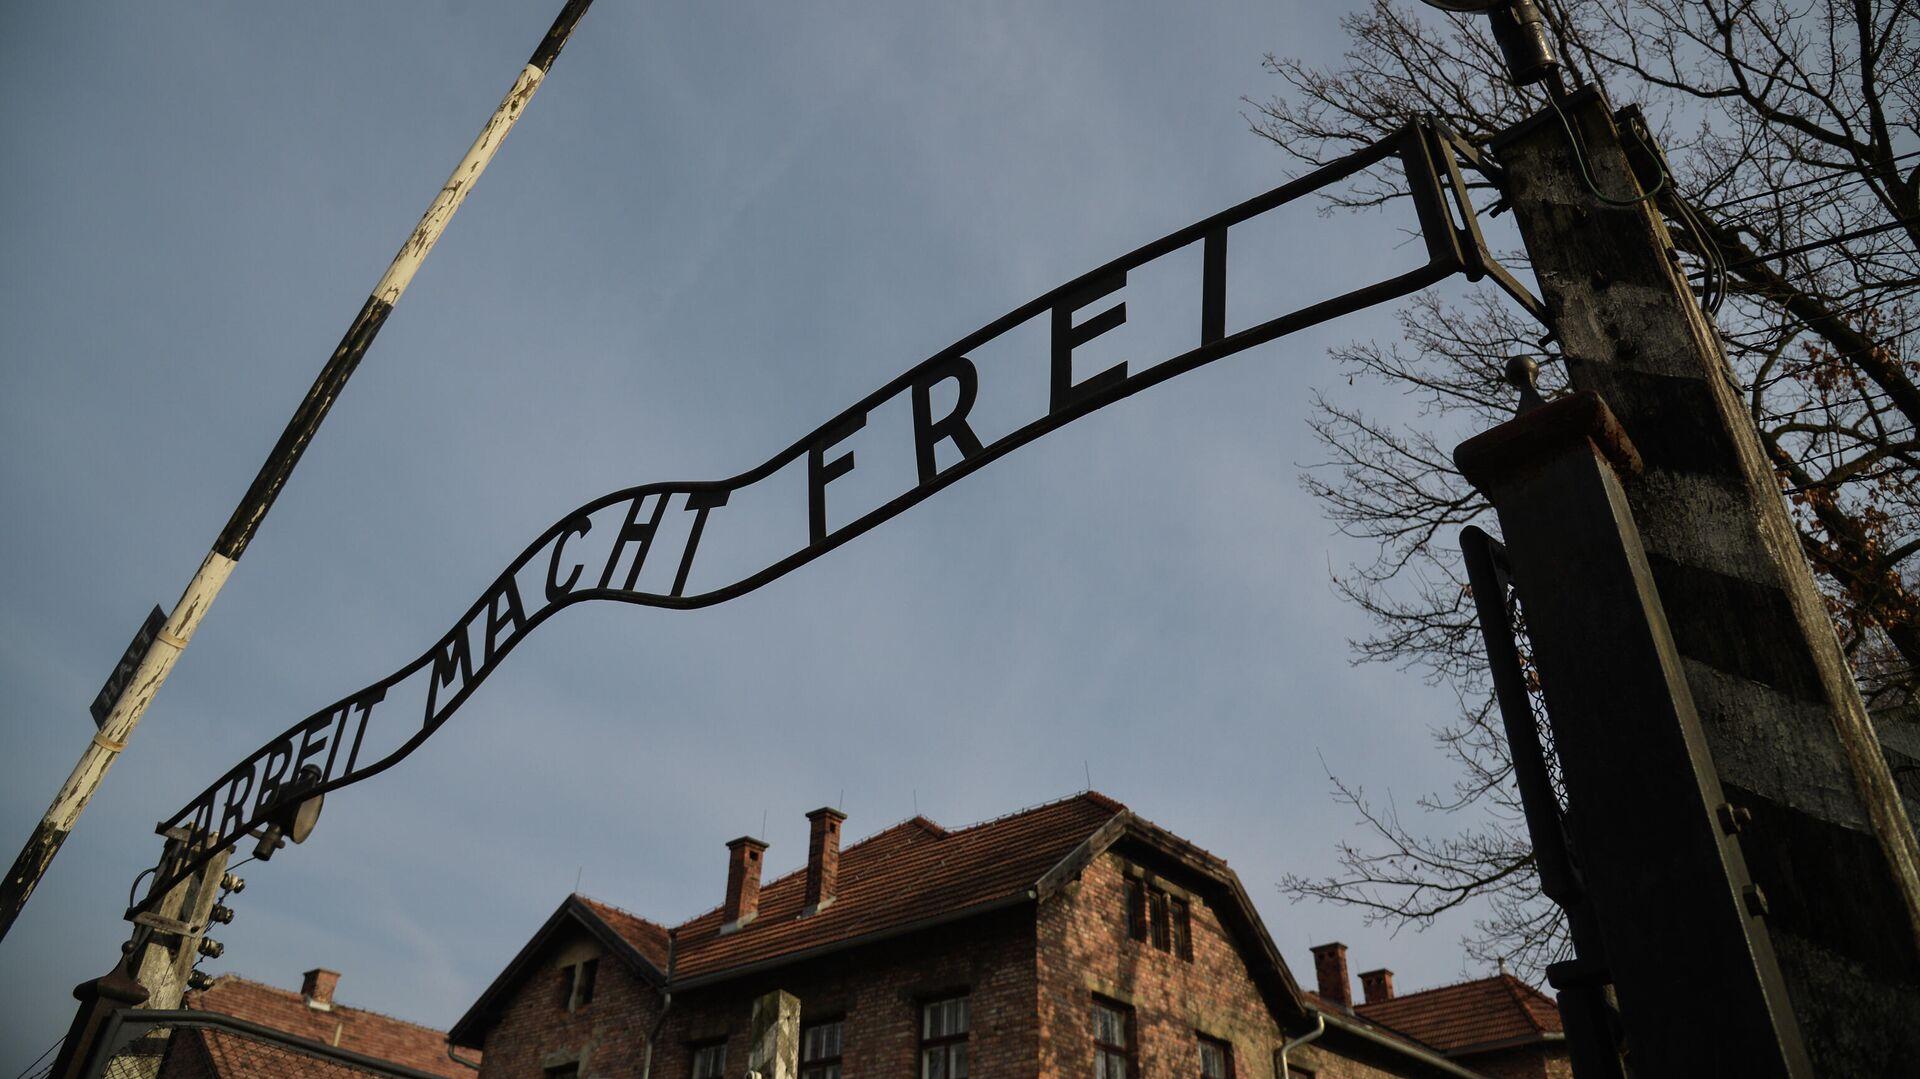 Музей на территории бывшего концентрационного лагеря Аушвиц-Биркенау в польском Освенциме - РИА Новости, 1920, 16.09.2020